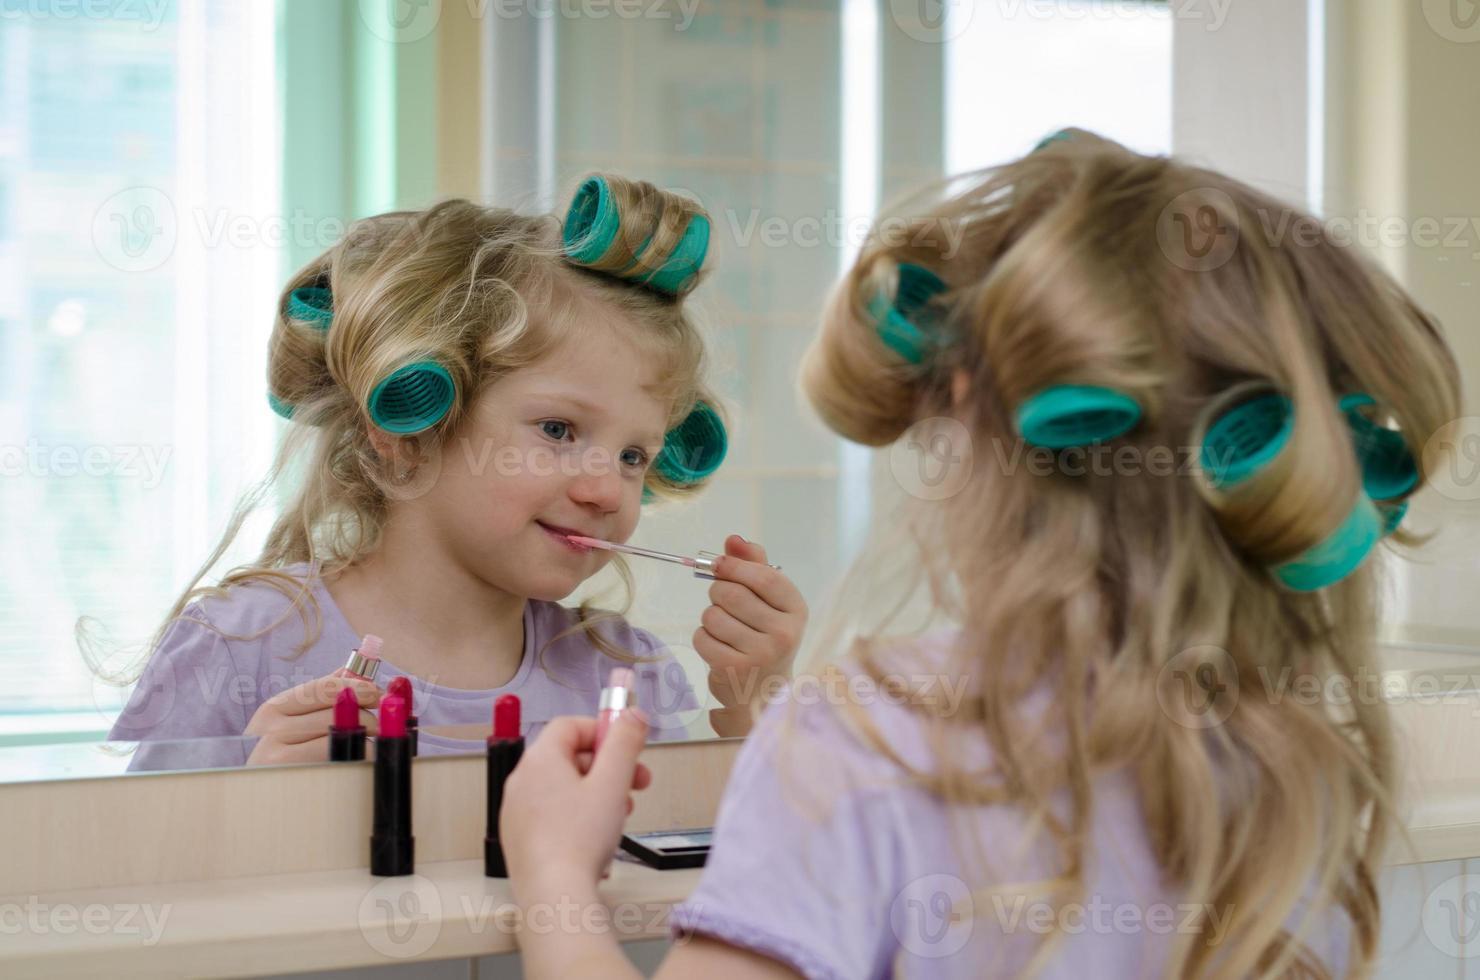 blondes Mädchen mit Lippenstift und Lockenwicklern foto